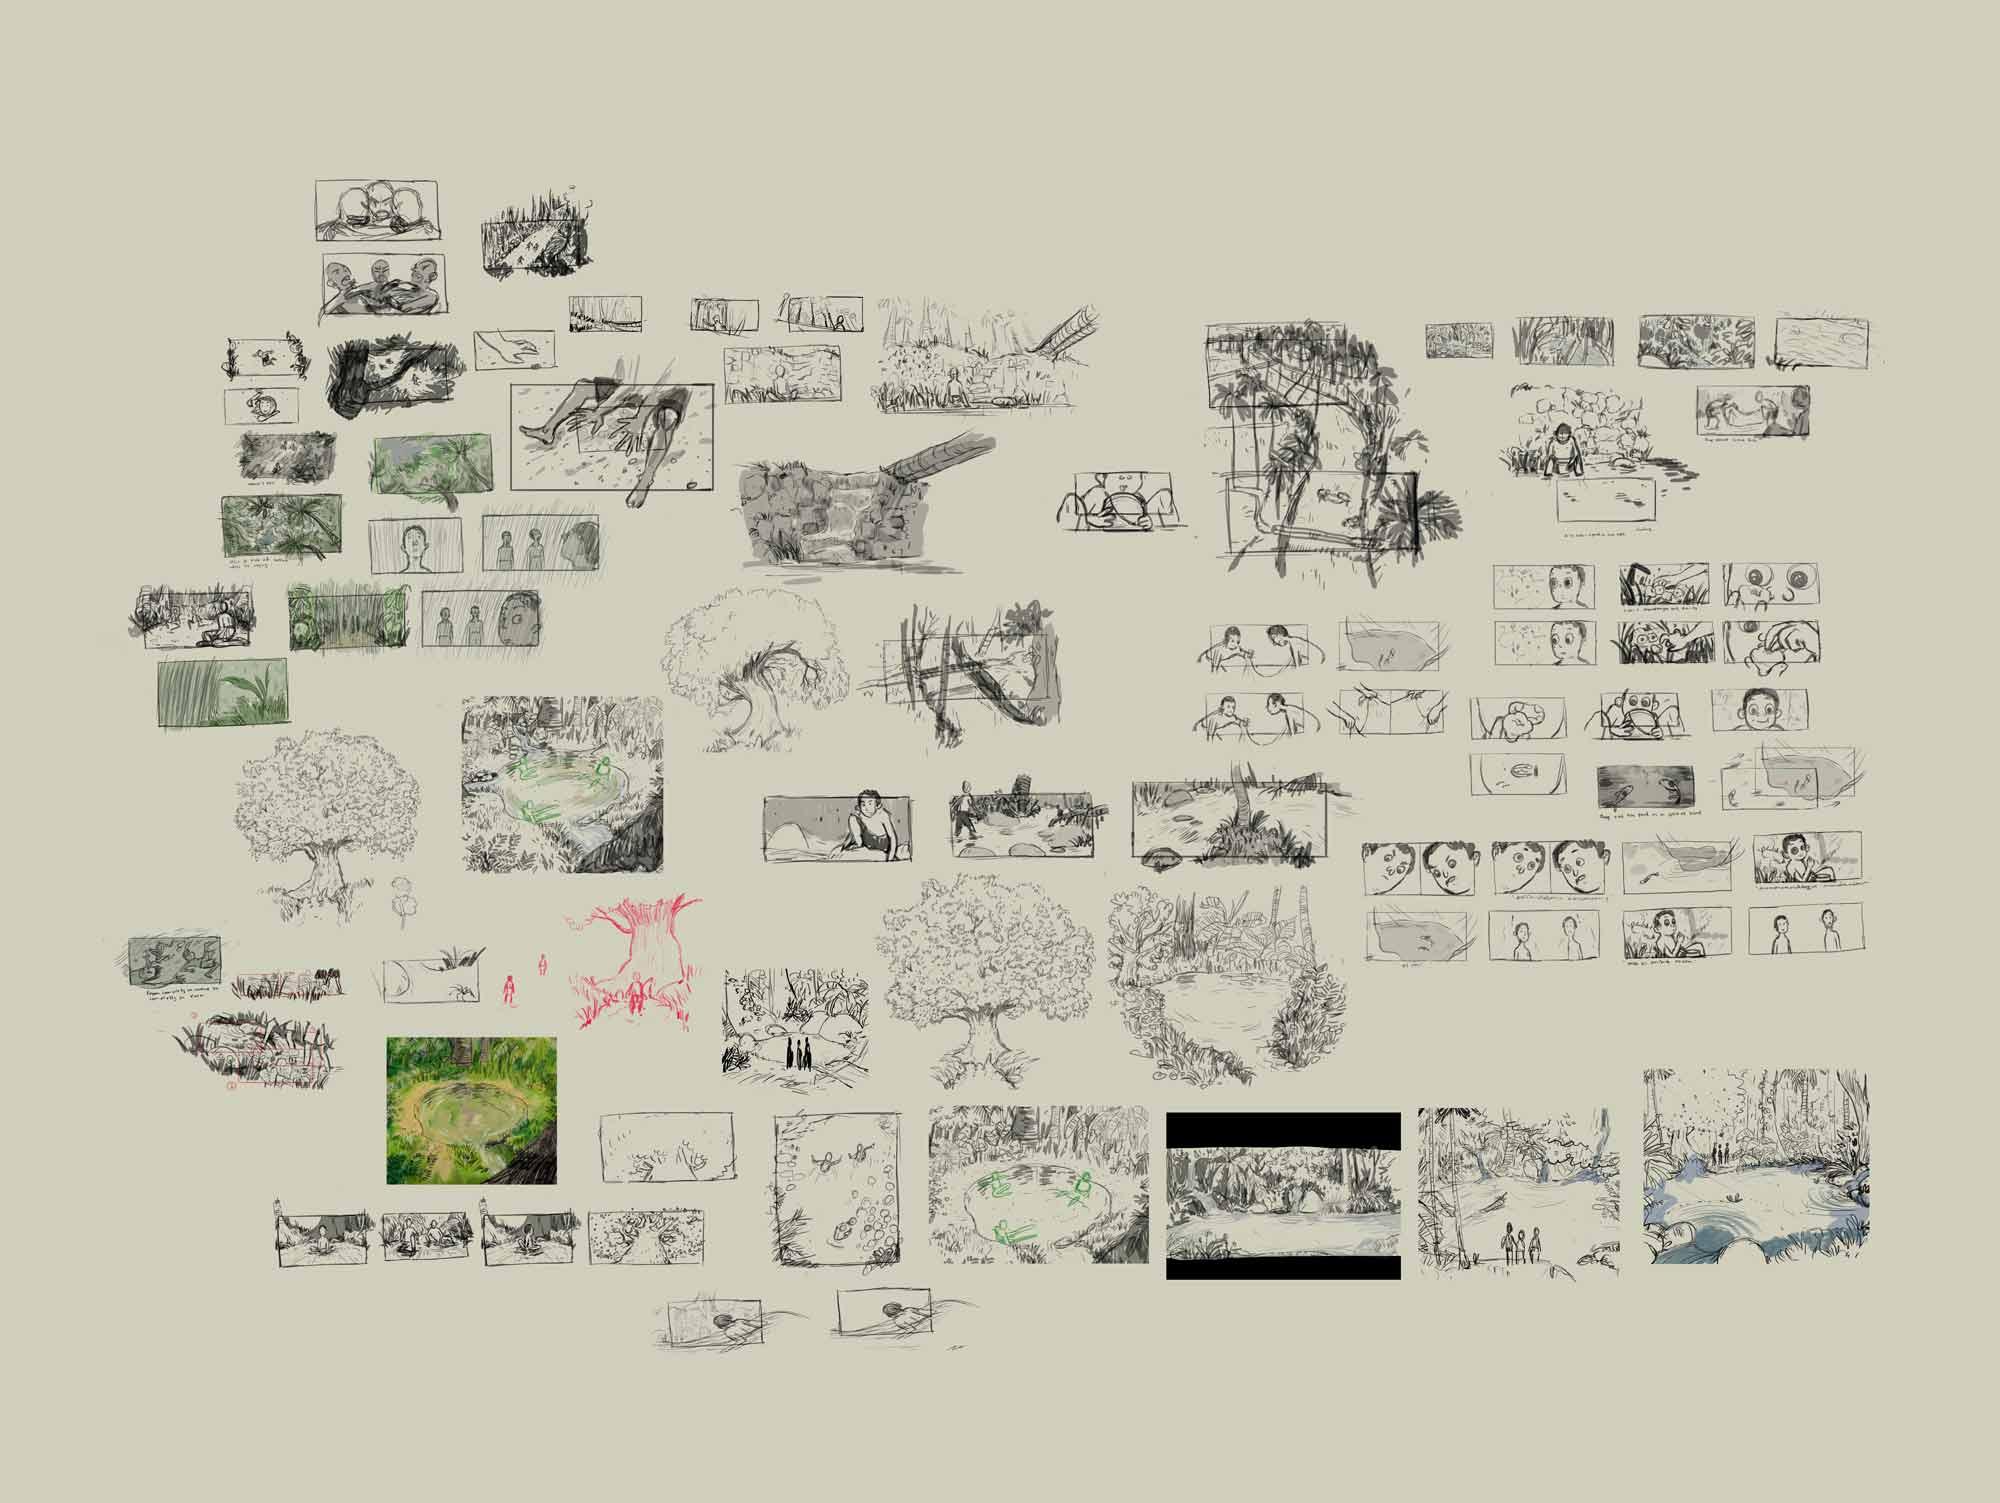 05.-Story-Beats-02